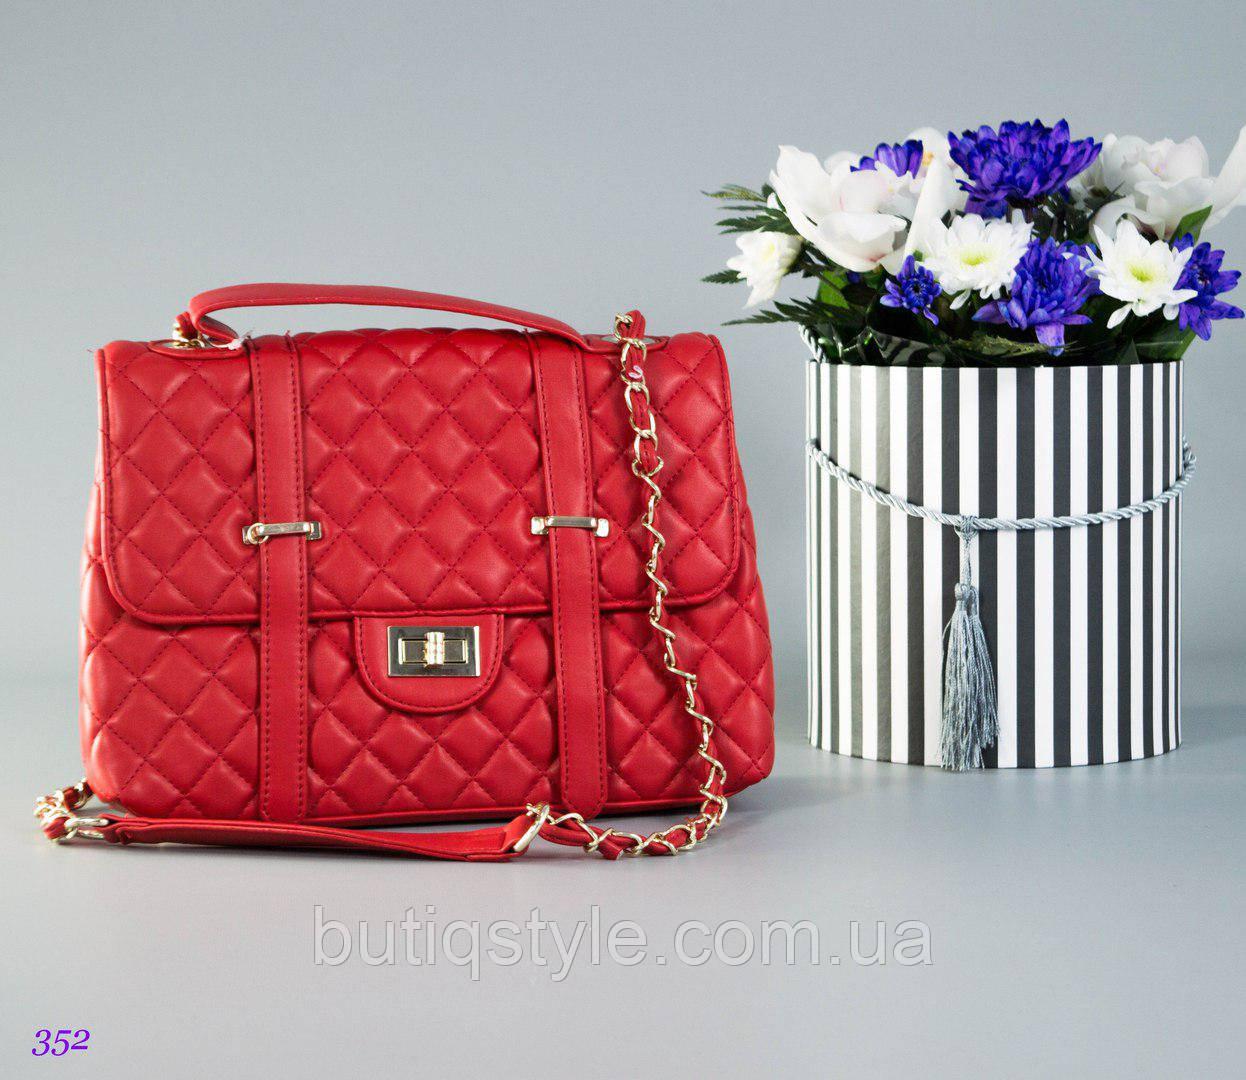 Модная женская стеганая красная сумка Ch@nel